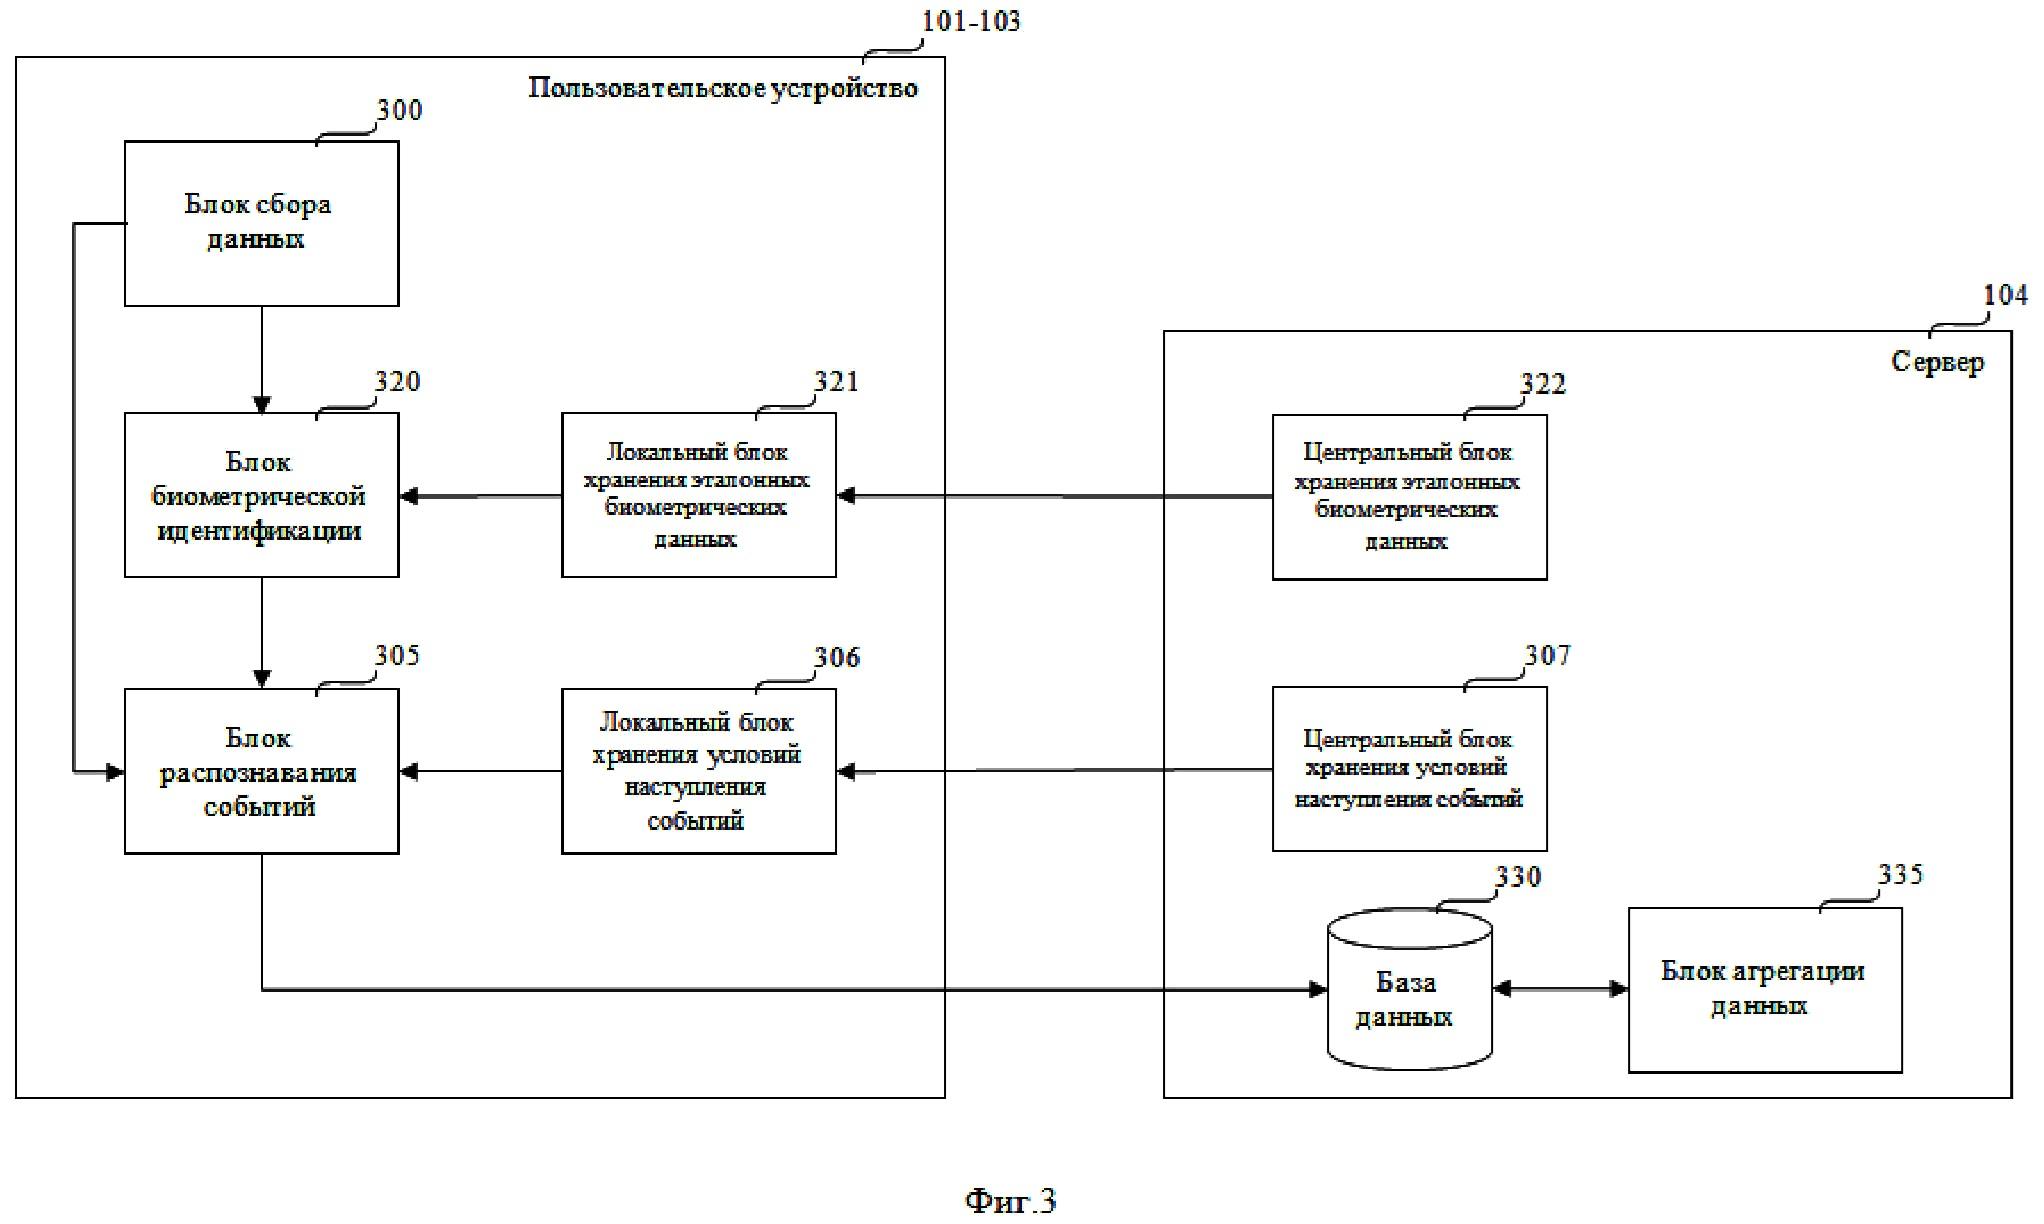 Способ мониторинга поведения пользователя при взаимодействии с контентом и система для его осуществления